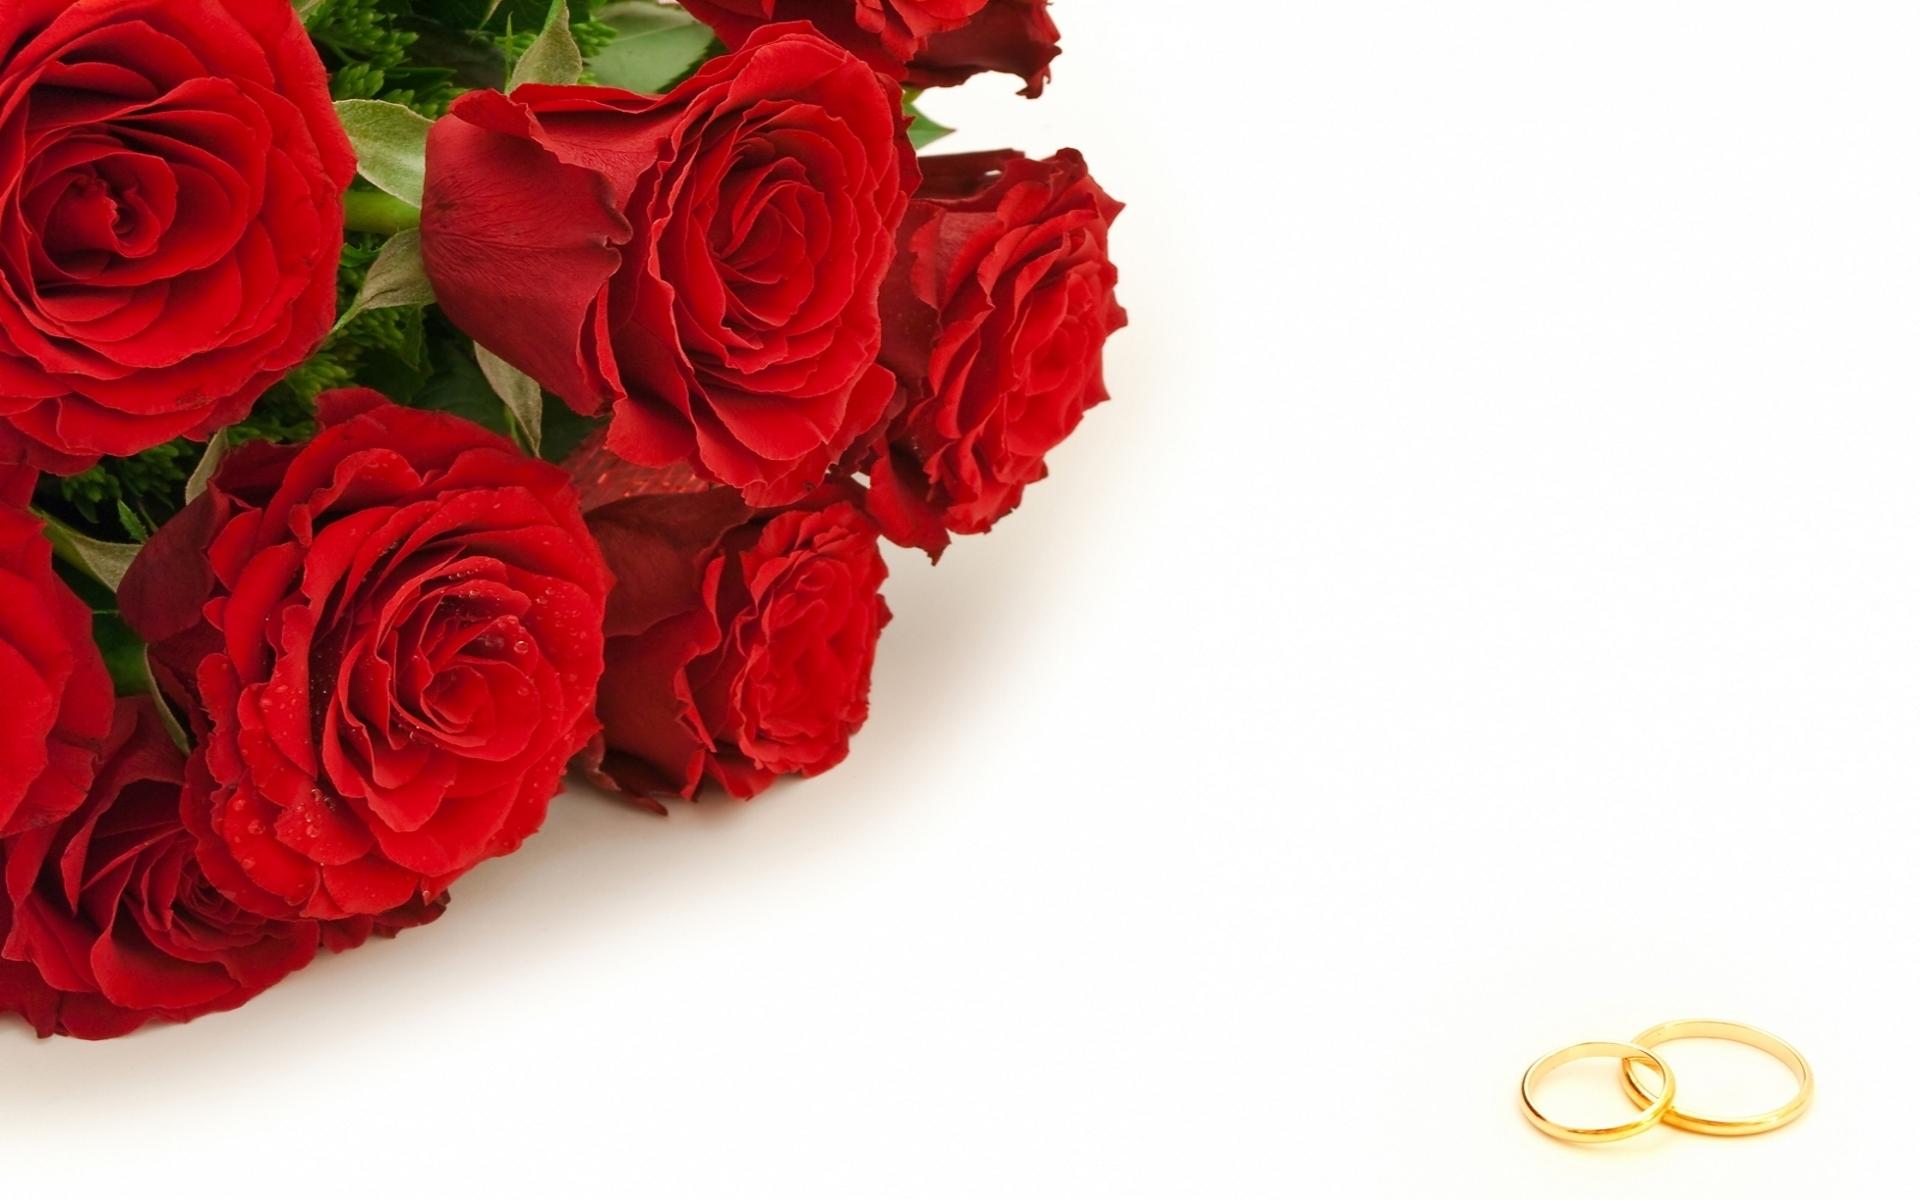 Картинки красивые розы с надписями (35 фото) Прикольные картинки и юмор 66